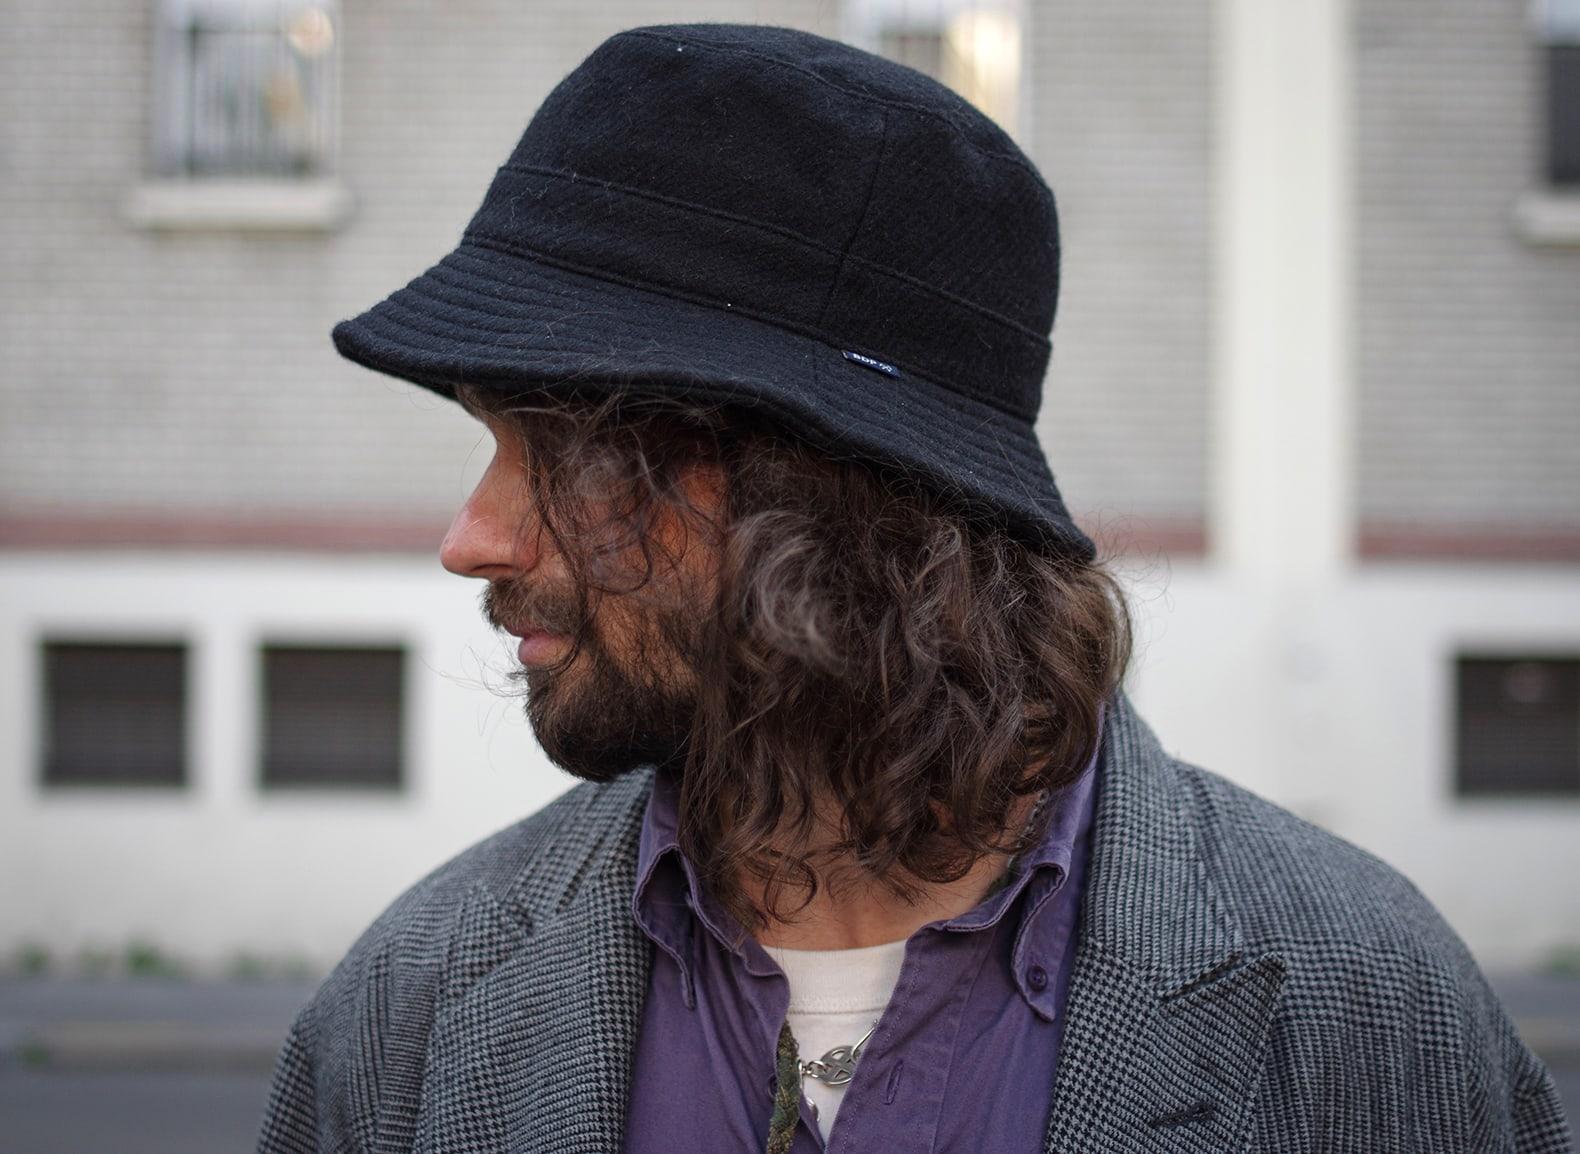 homme cheveux long et bob en laine bleu de paname